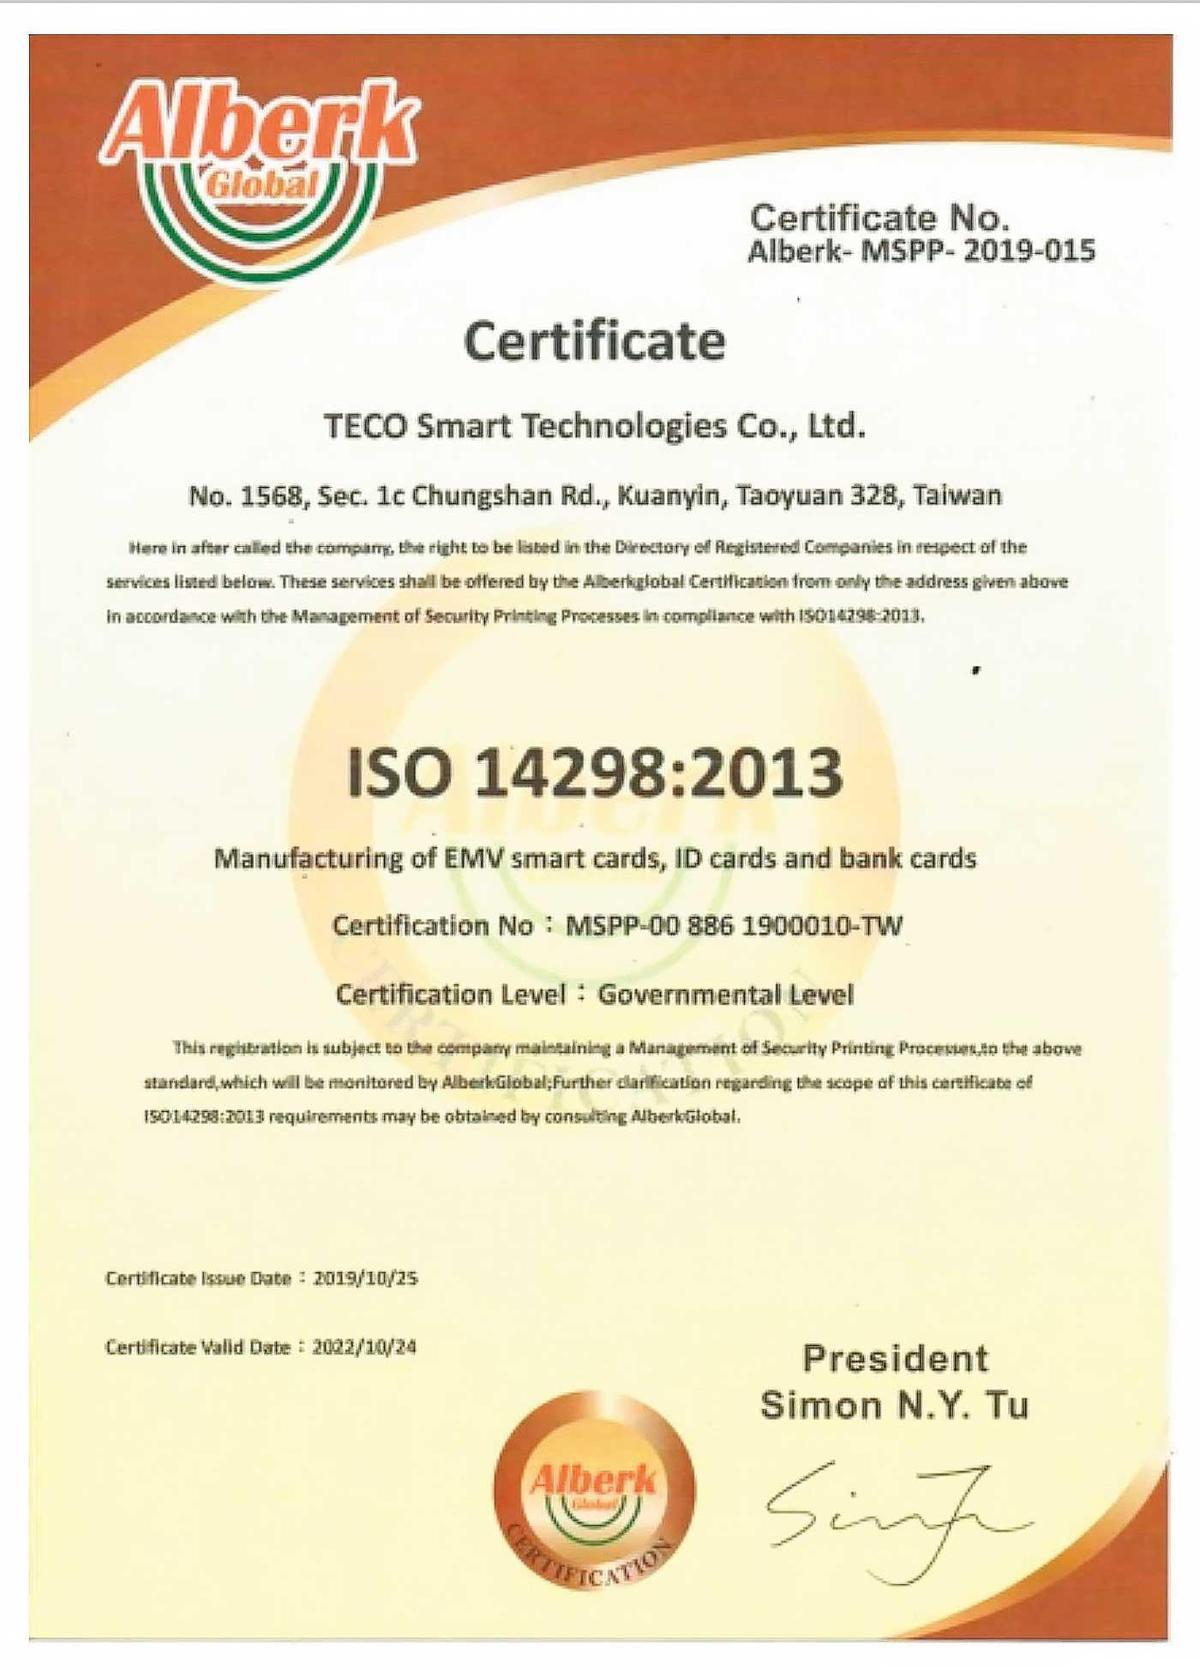 艾爾柏公司發出的ISO 14298認證是東元投標時出示的資格文件之一。(翻攝艾爾柏網站)